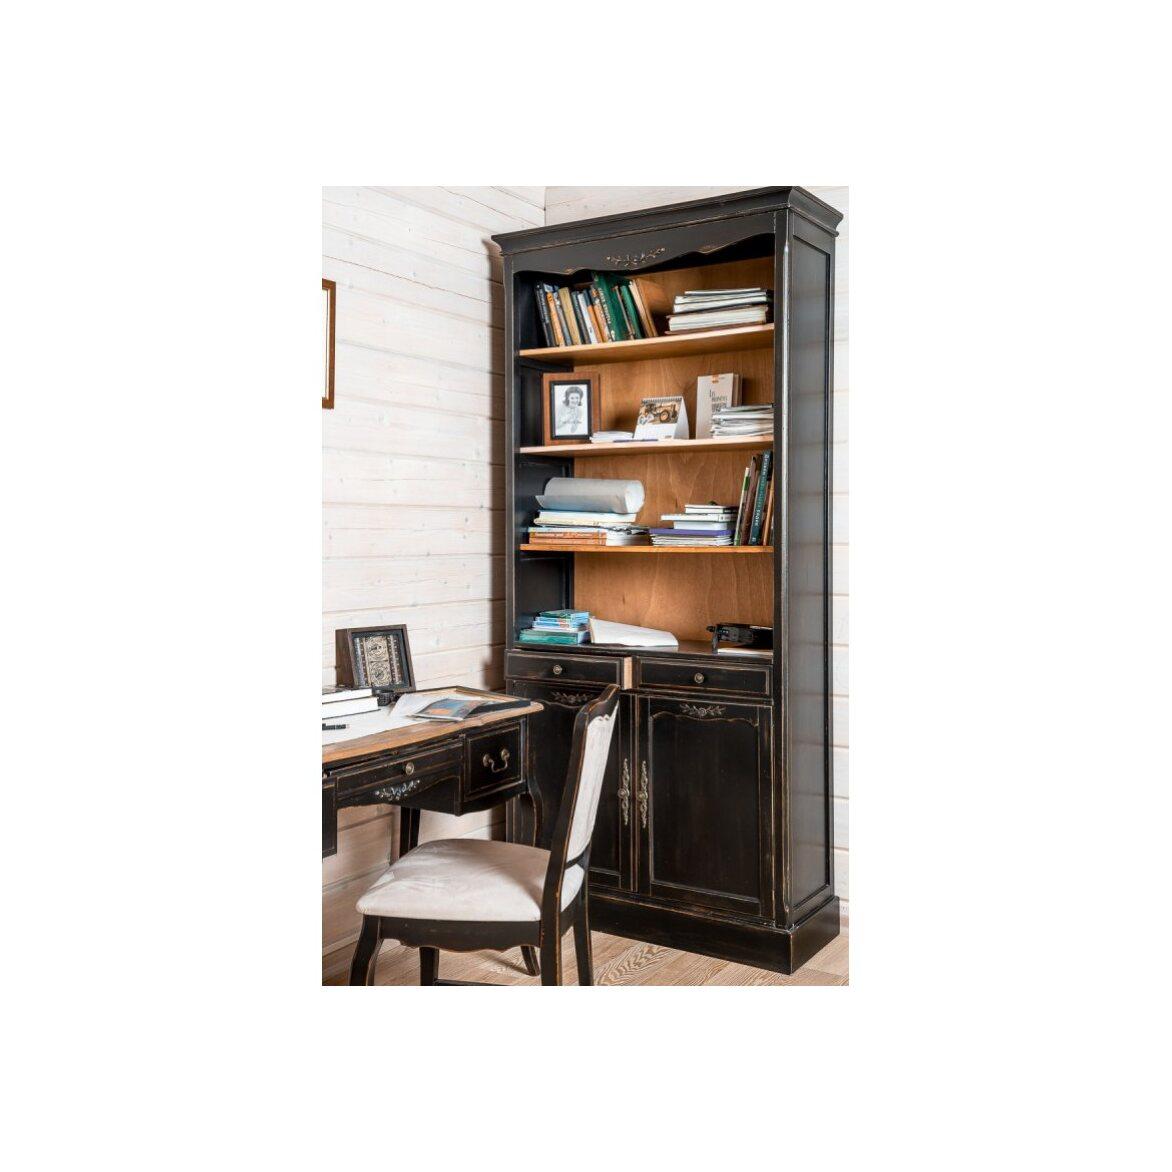 Стул с мягким сиденьем Leontina, черного цвета 3 | Обеденные стулья Kingsby